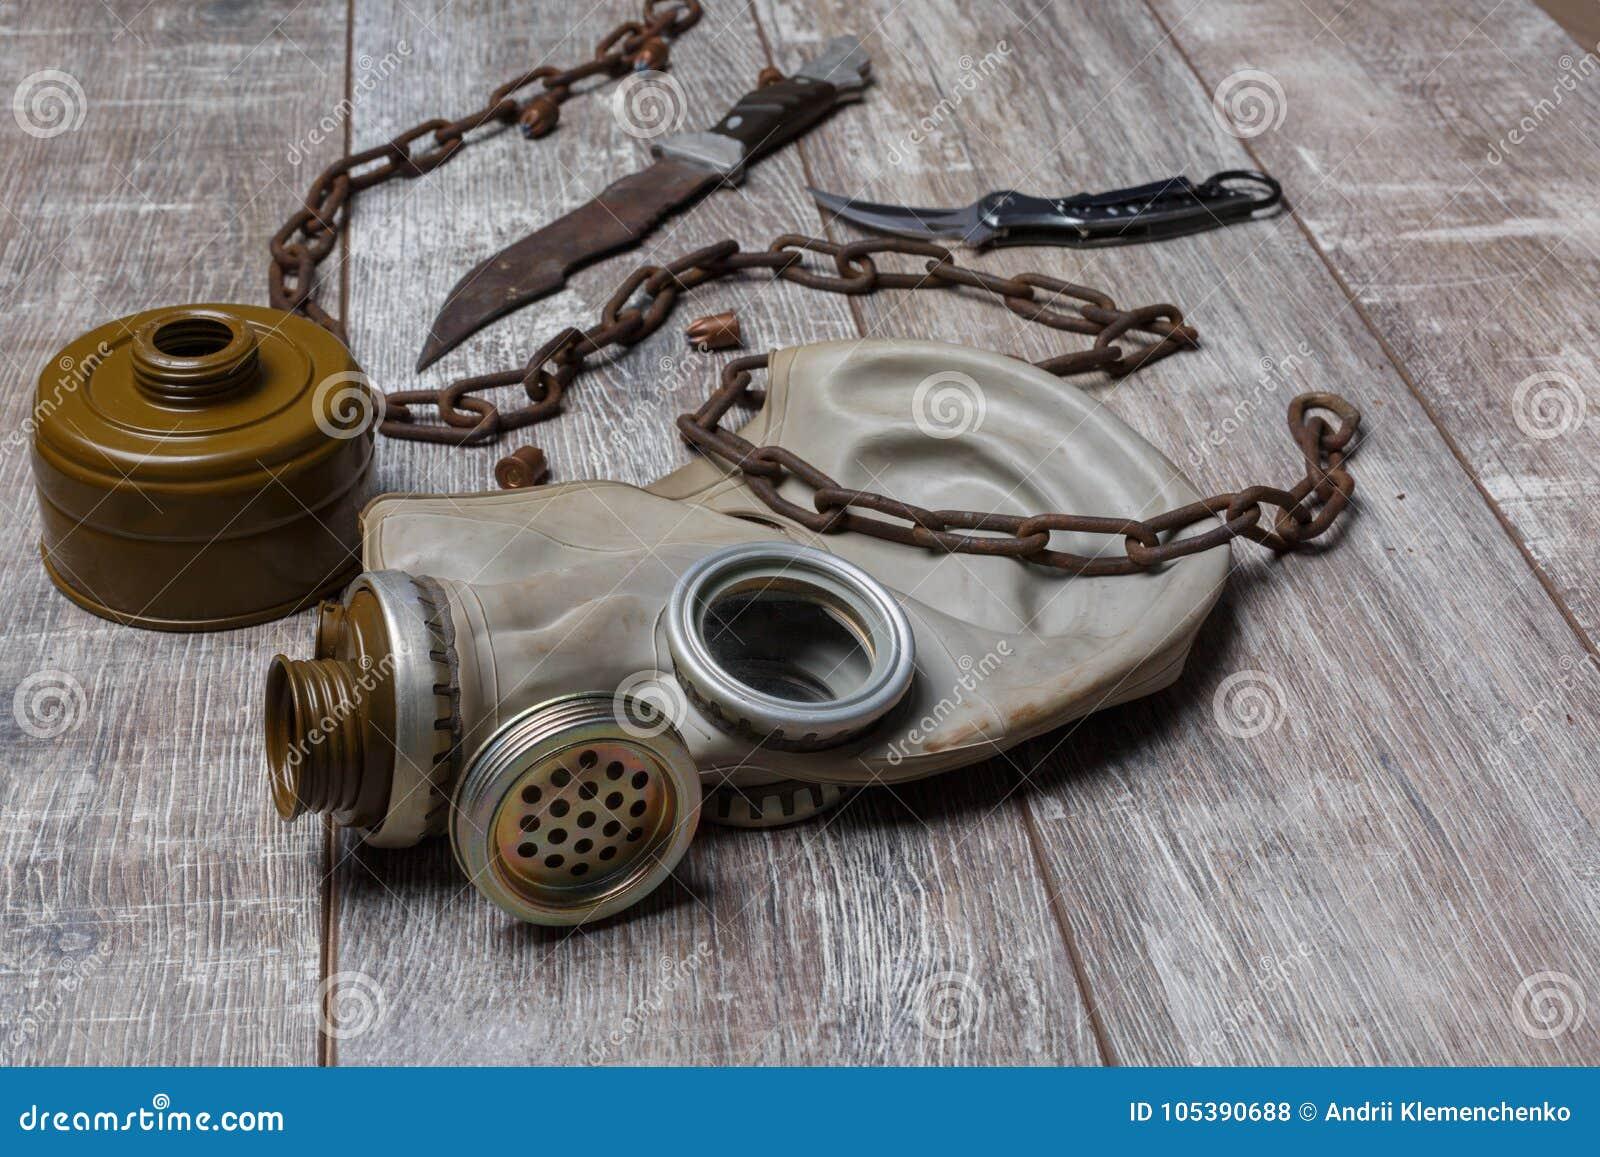 Un masque de gaz démonté avec une chaîne avec des couteaux sur un plancher en bois Vue sous un angle